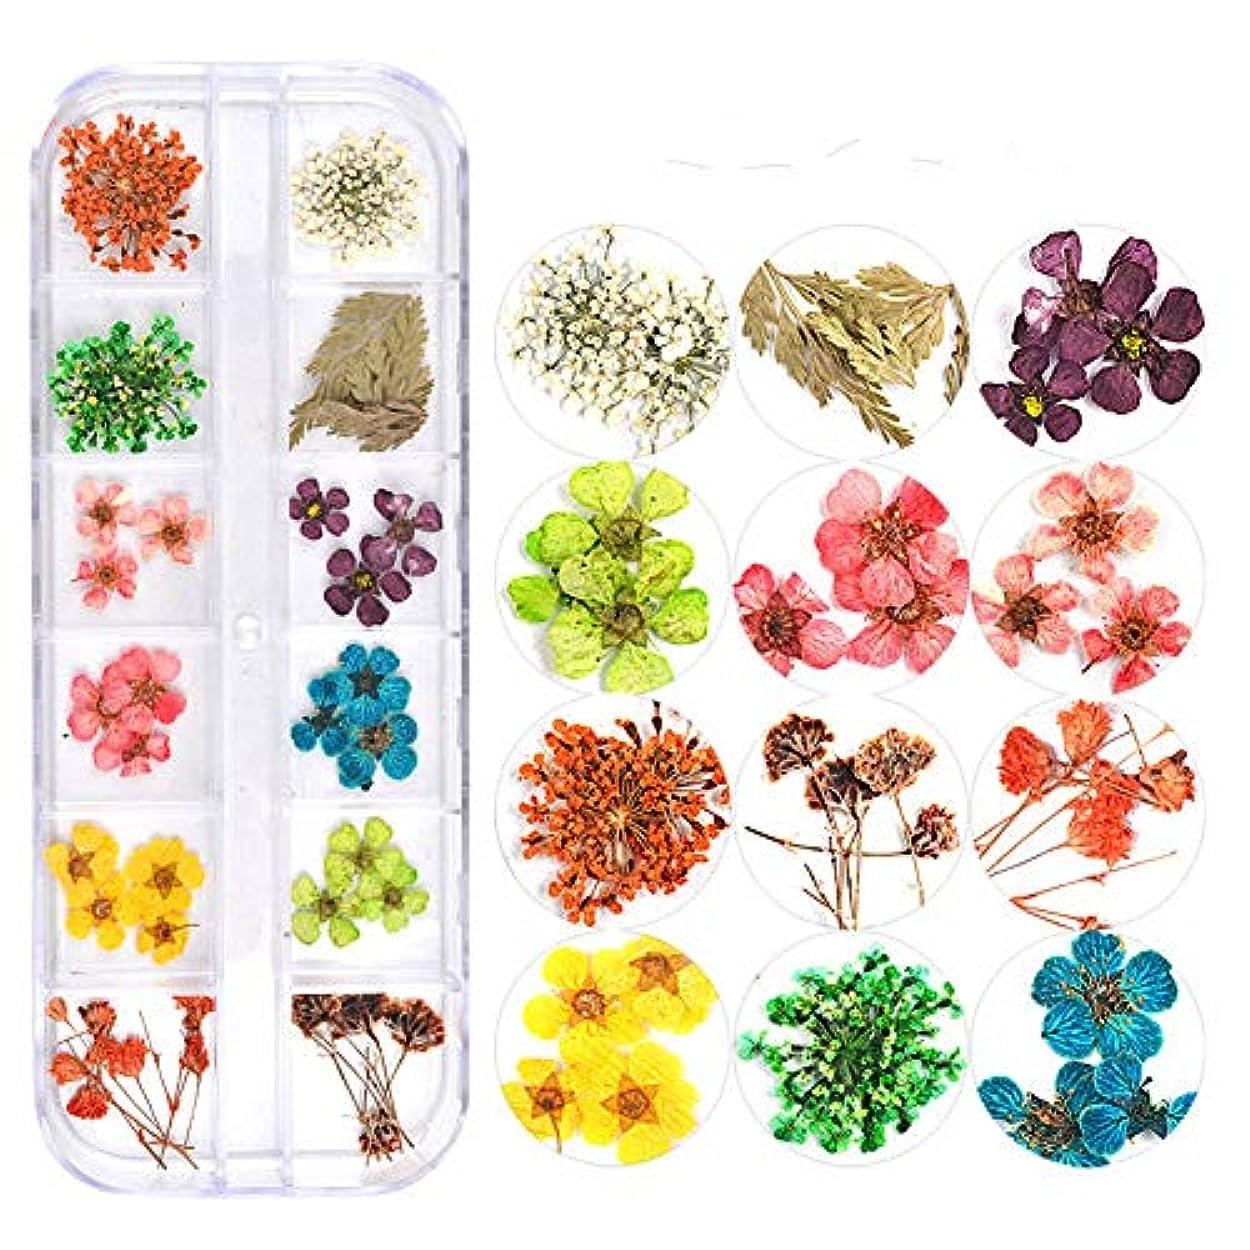 終わりペンフレンドできる押し花 ドライフラワー 3Dネイル レジンデコレーション DIYデコレーション飾り用品 (3)